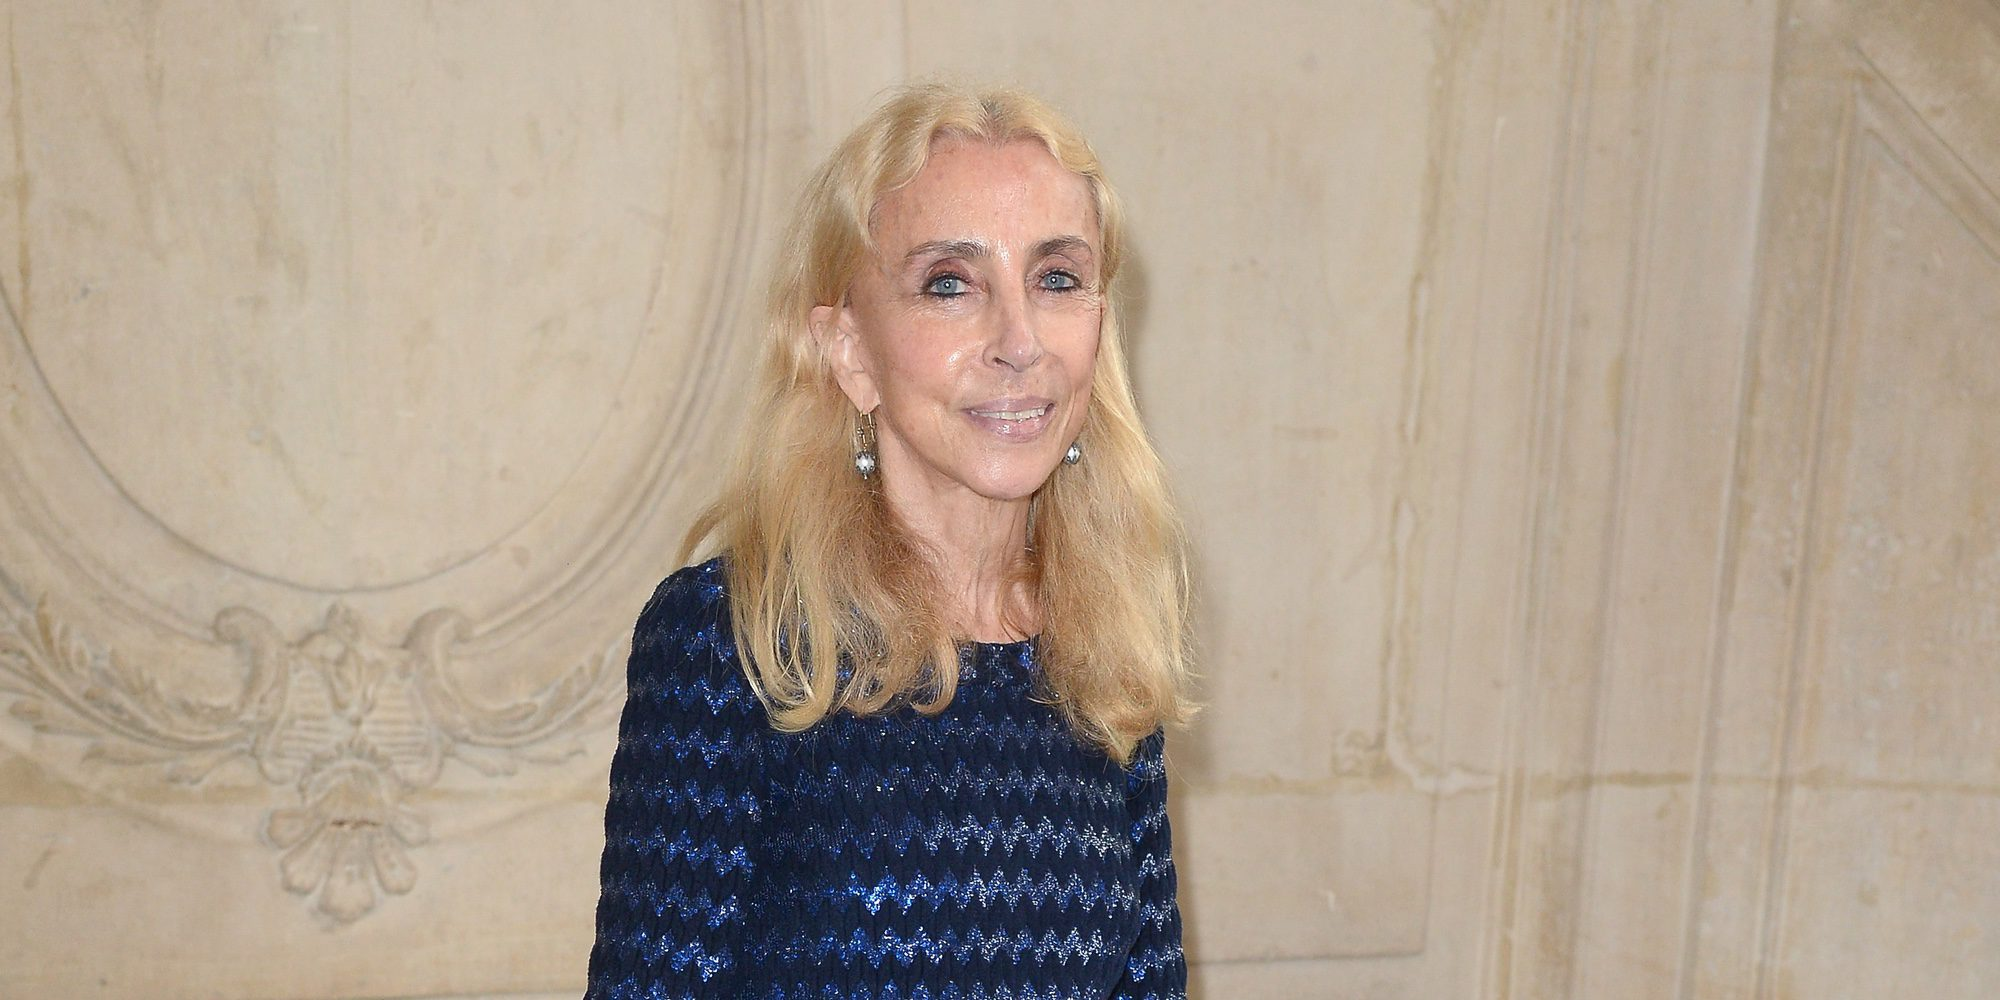 Muere Franca Sozzani, directora de Vogue Italia, a los 66 años a causa de un tumor